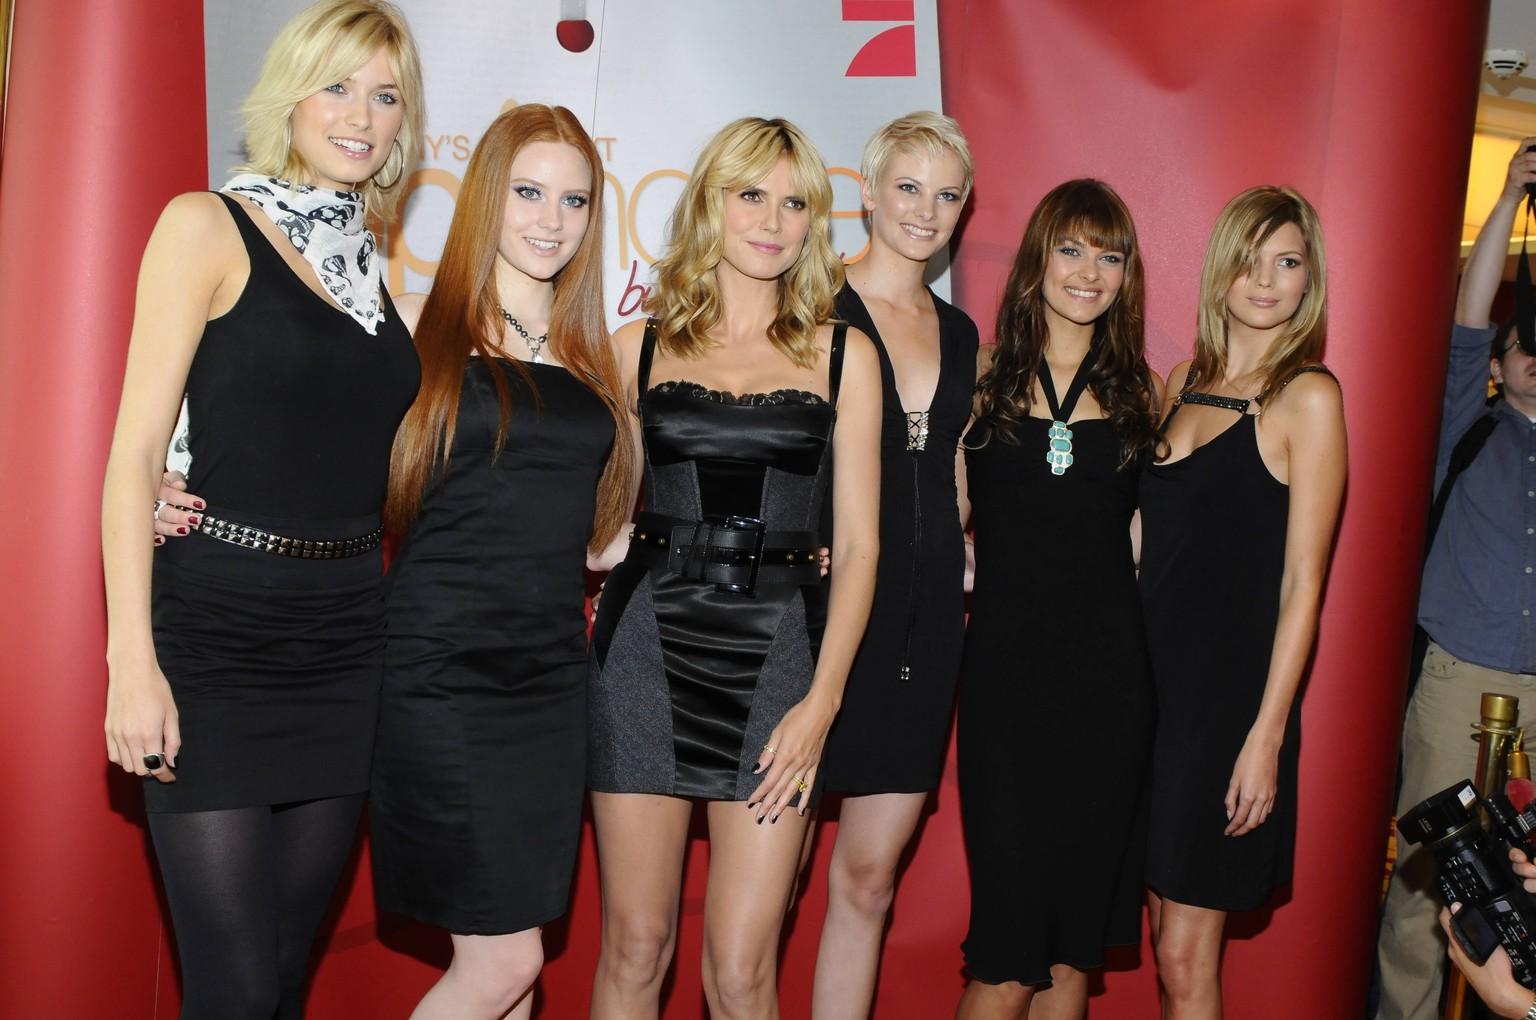 Gntm gewinnerin 2011